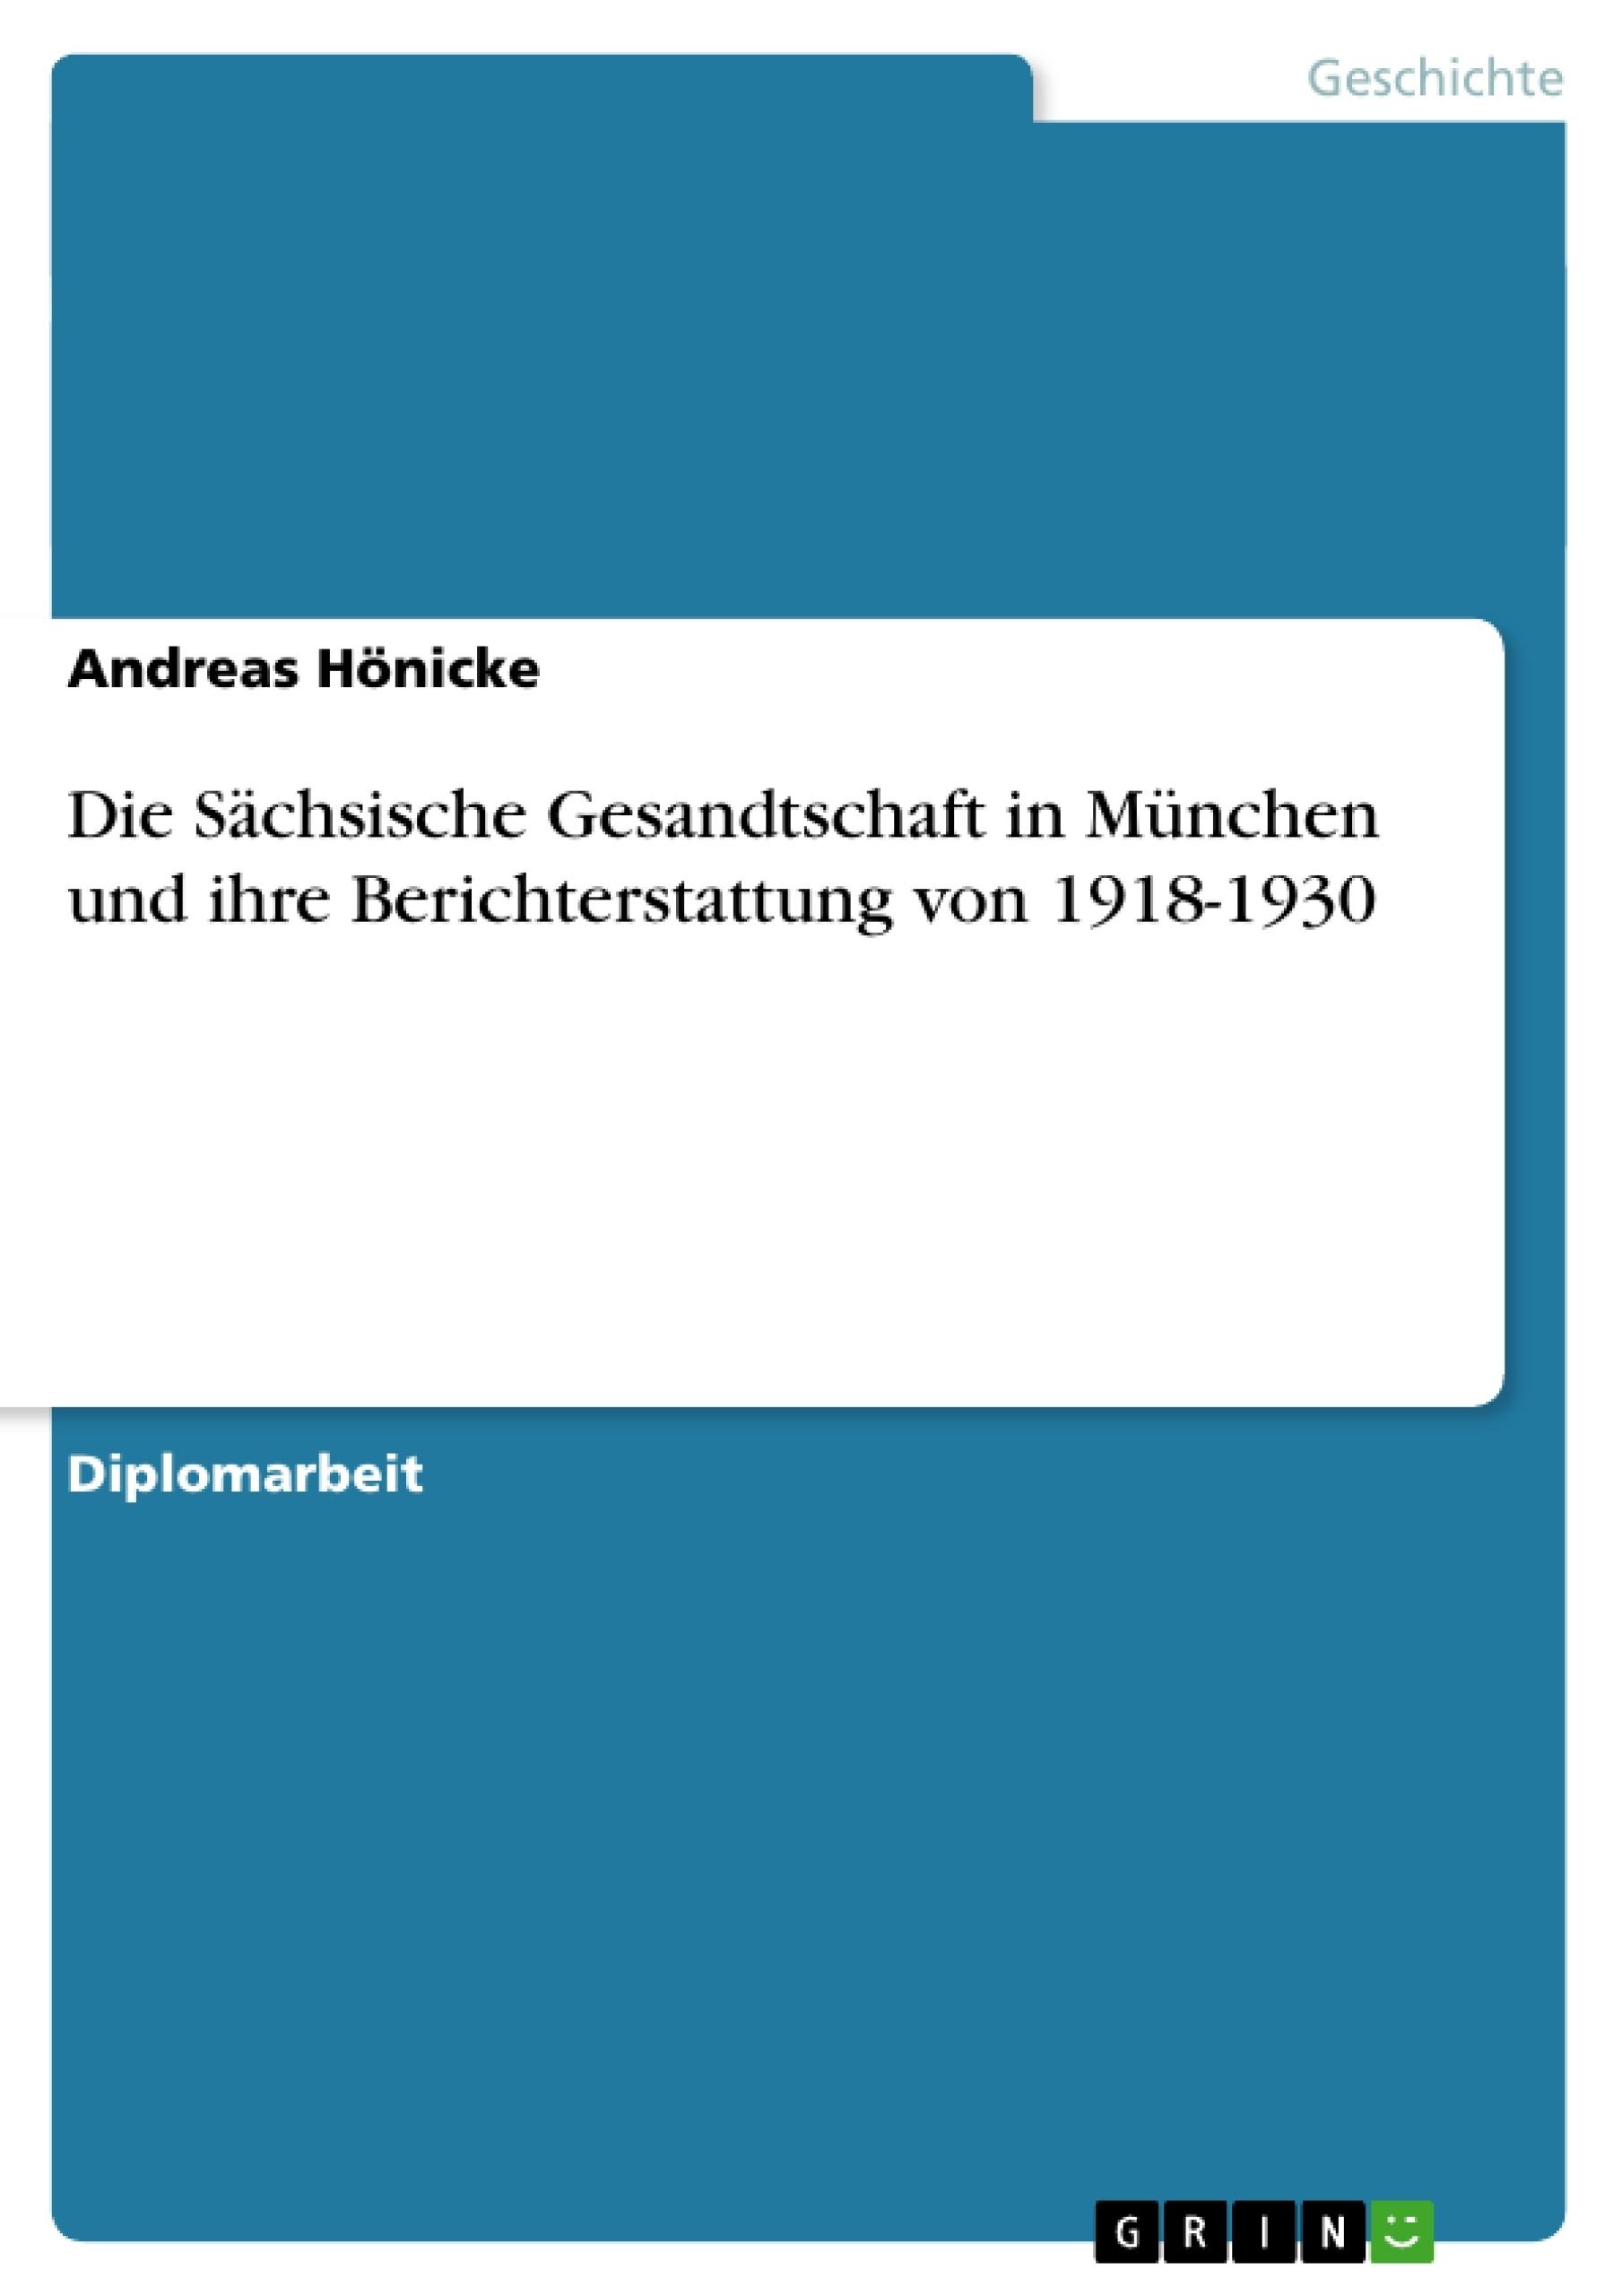 Titel: Die Sächsische Gesandtschaft in München und ihre Berichterstattung von 1918-1930